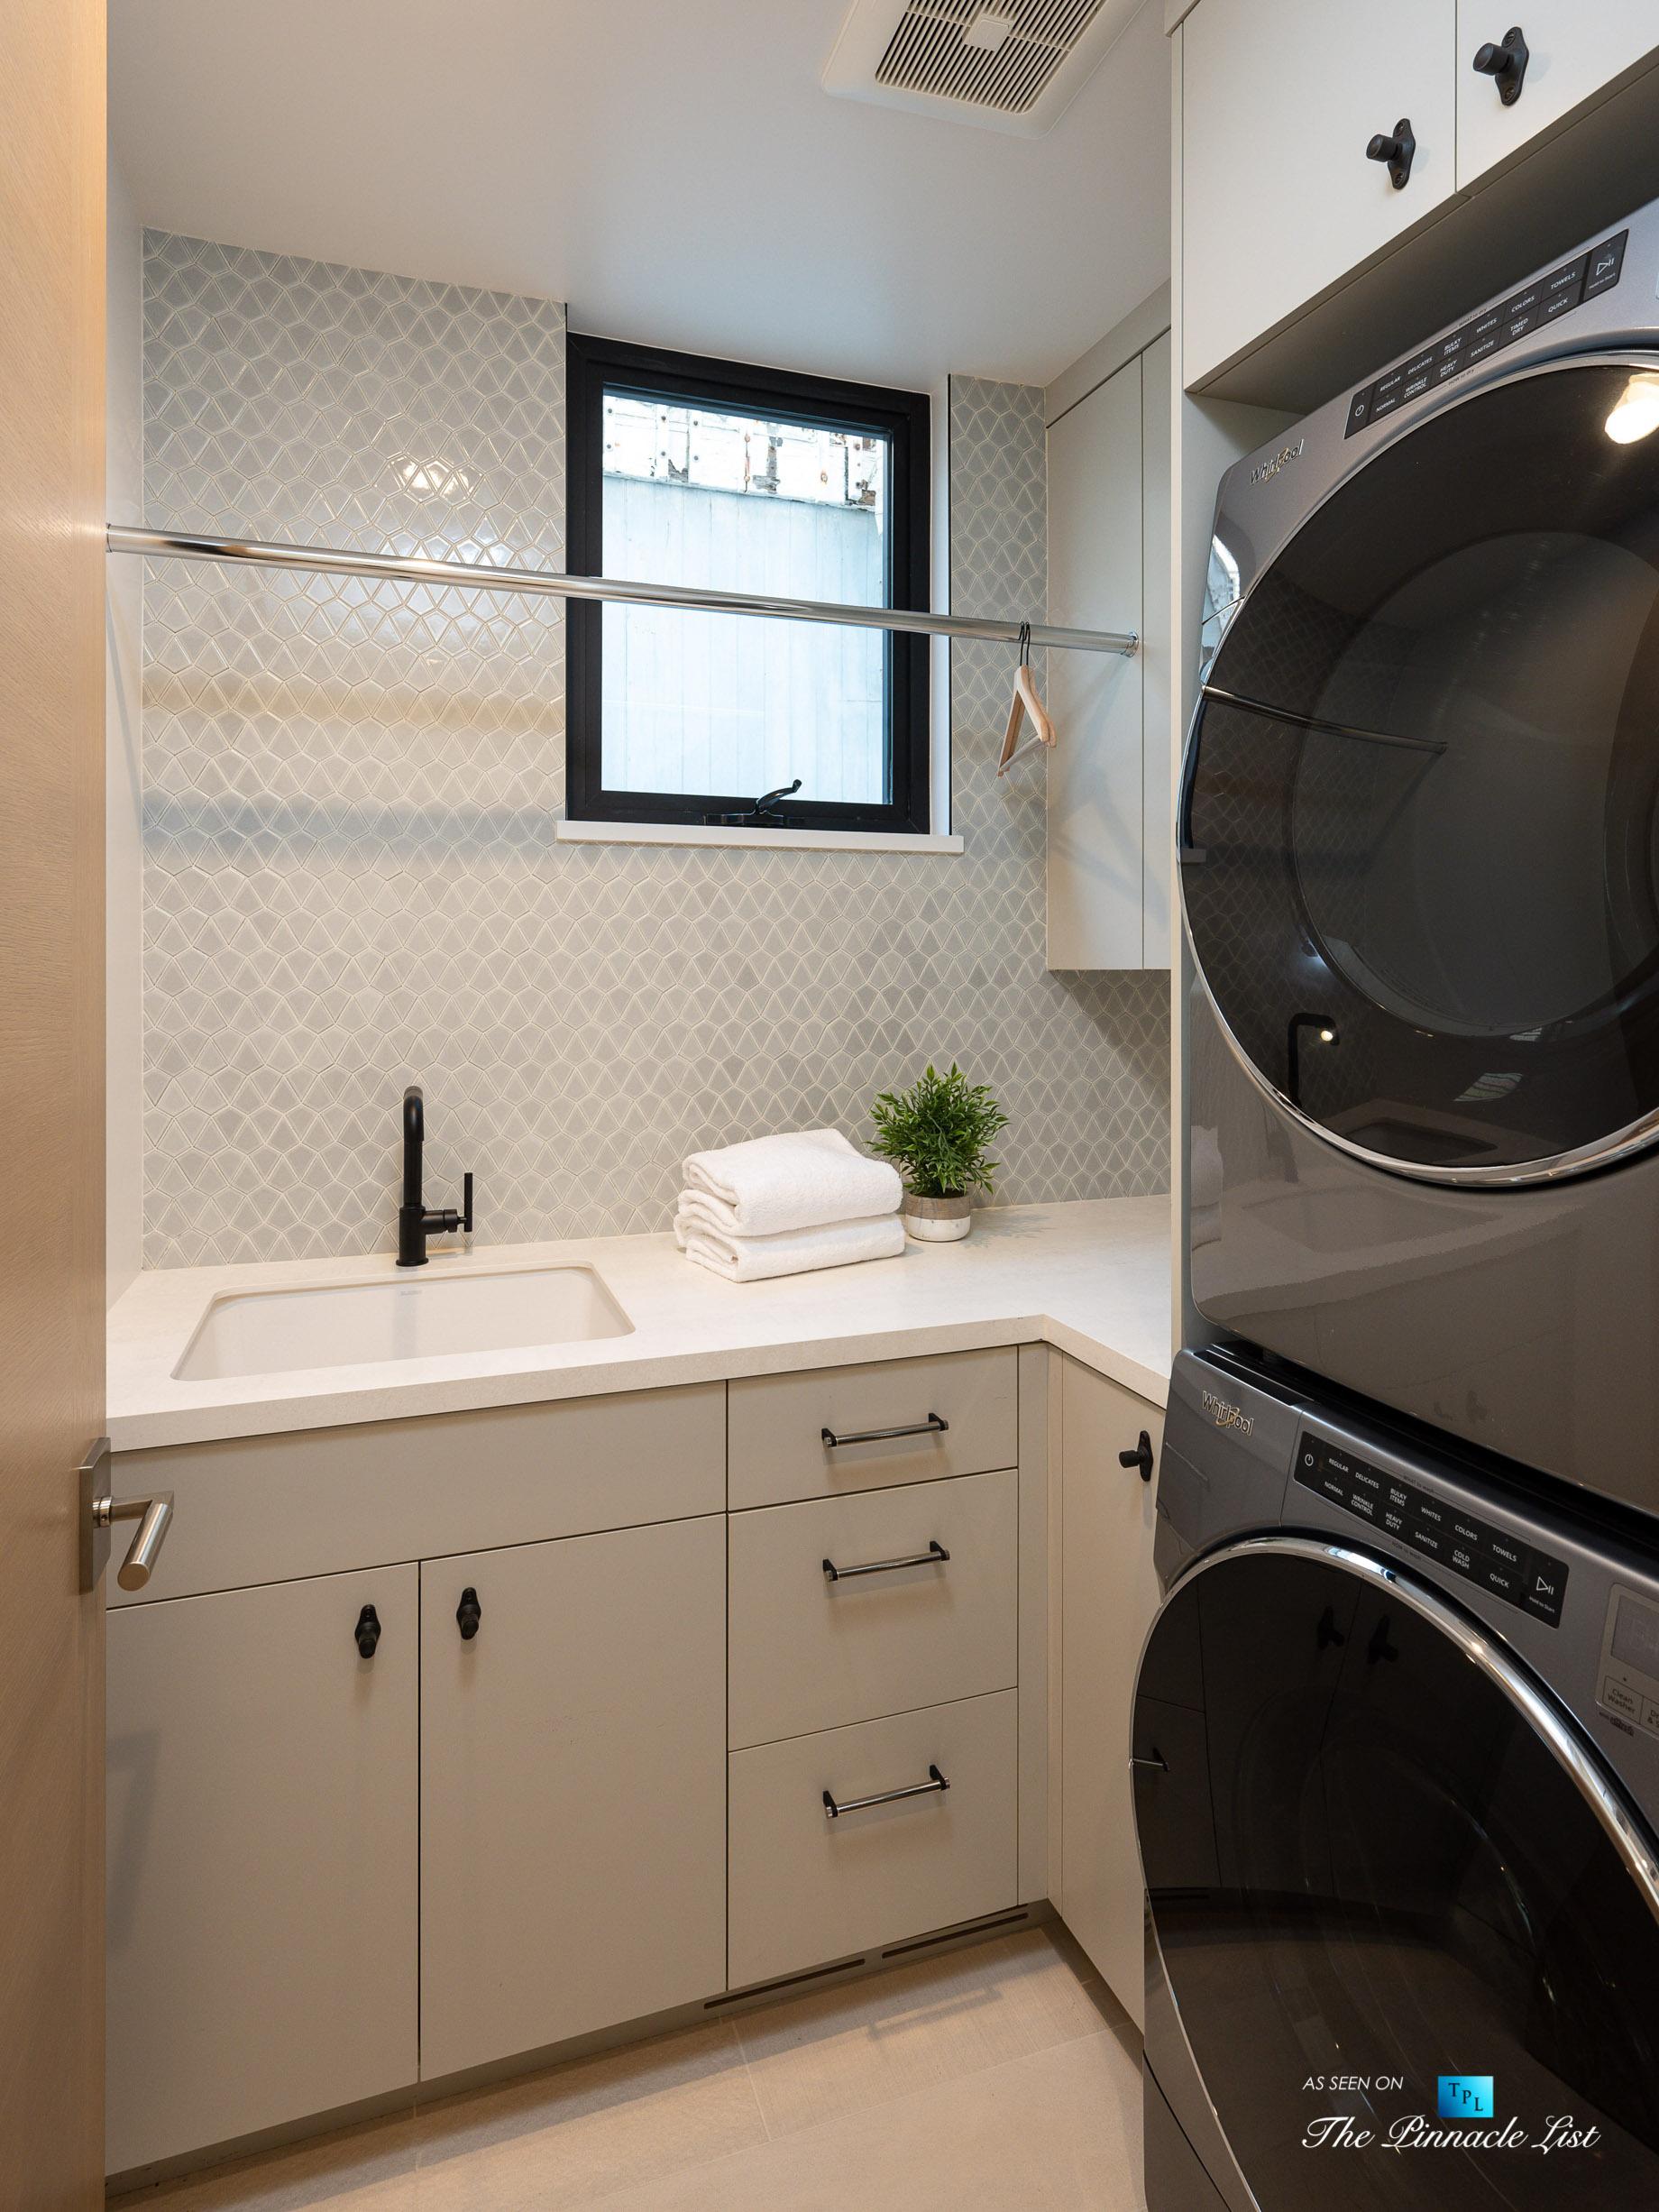 2016 Ocean Dr, Manhattan Beach, CA, USA - Laundry - Luxury Real Estate - Modern Ocean View Home